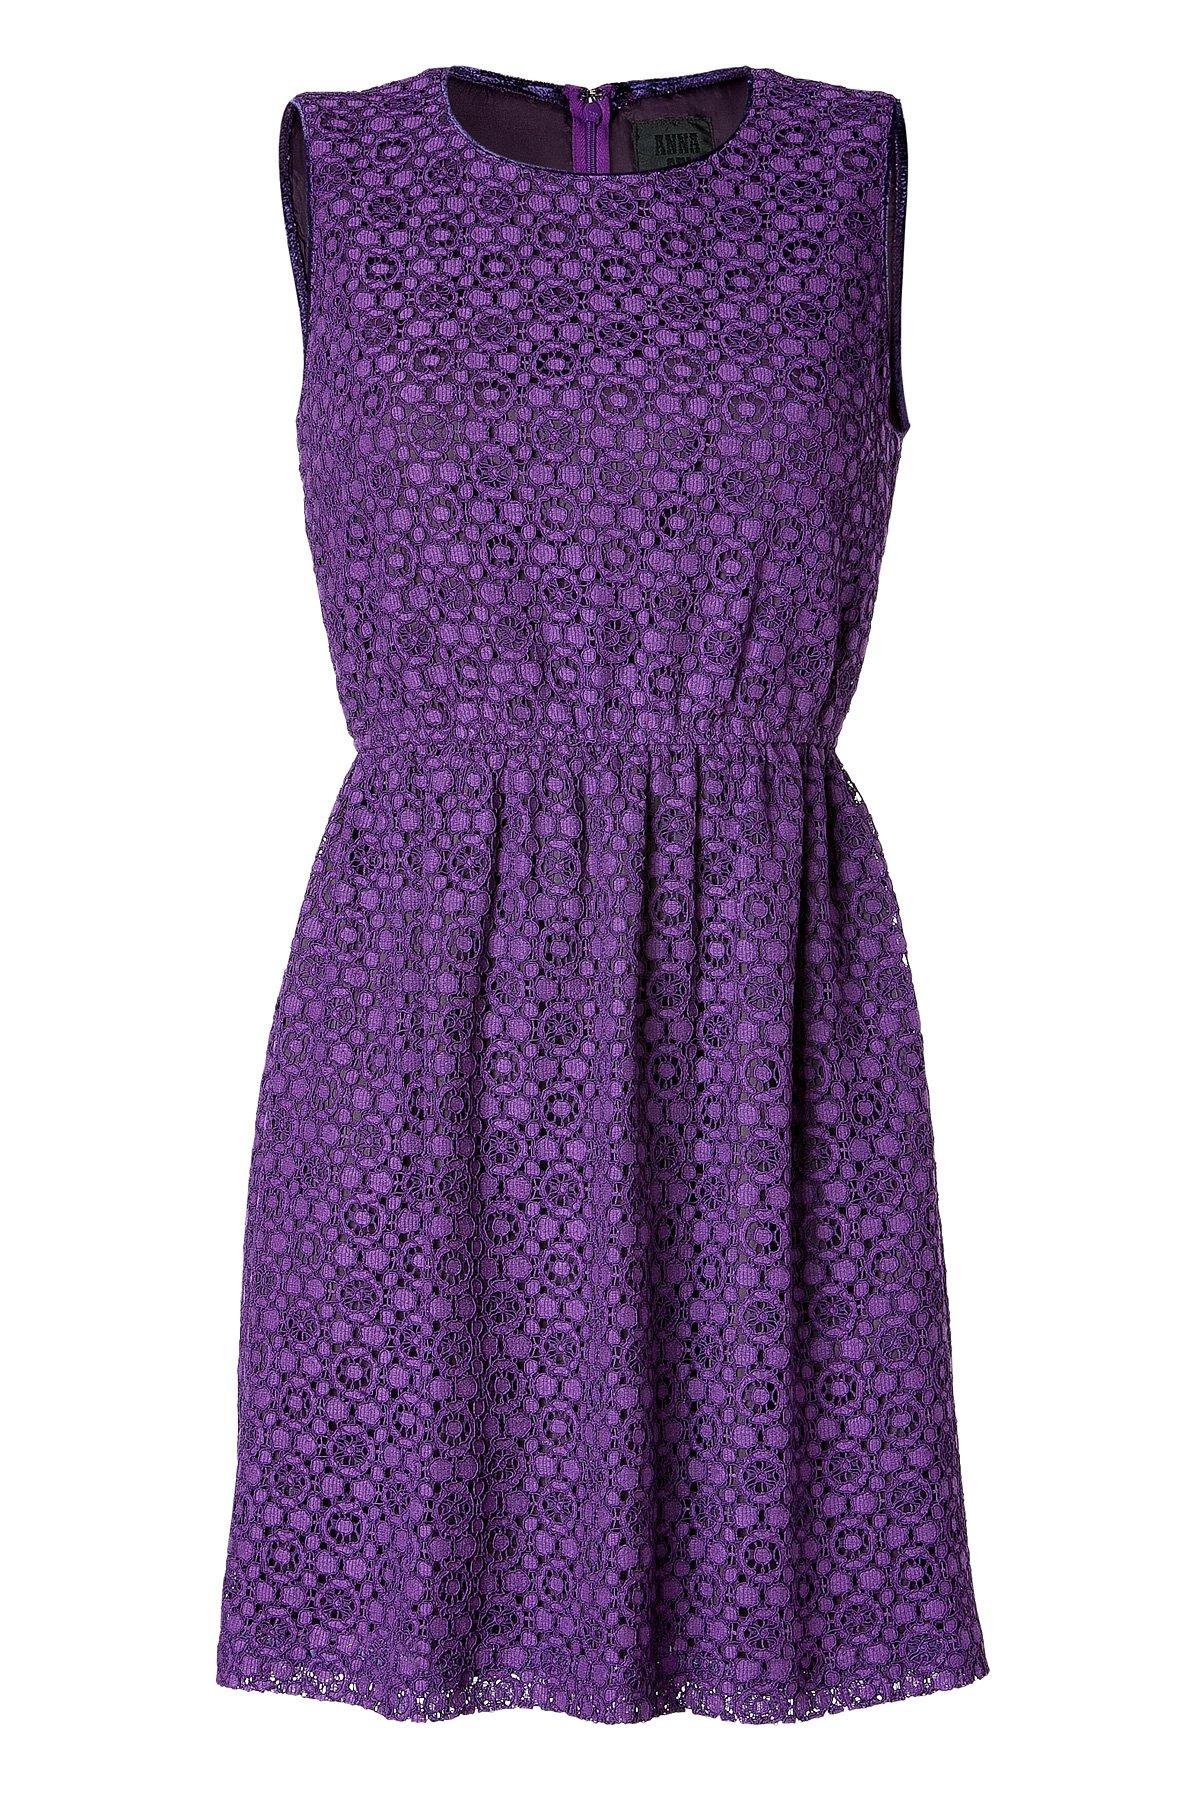 Anna Sui Eyelet Dress In Indigo Purple In Purple Indigo